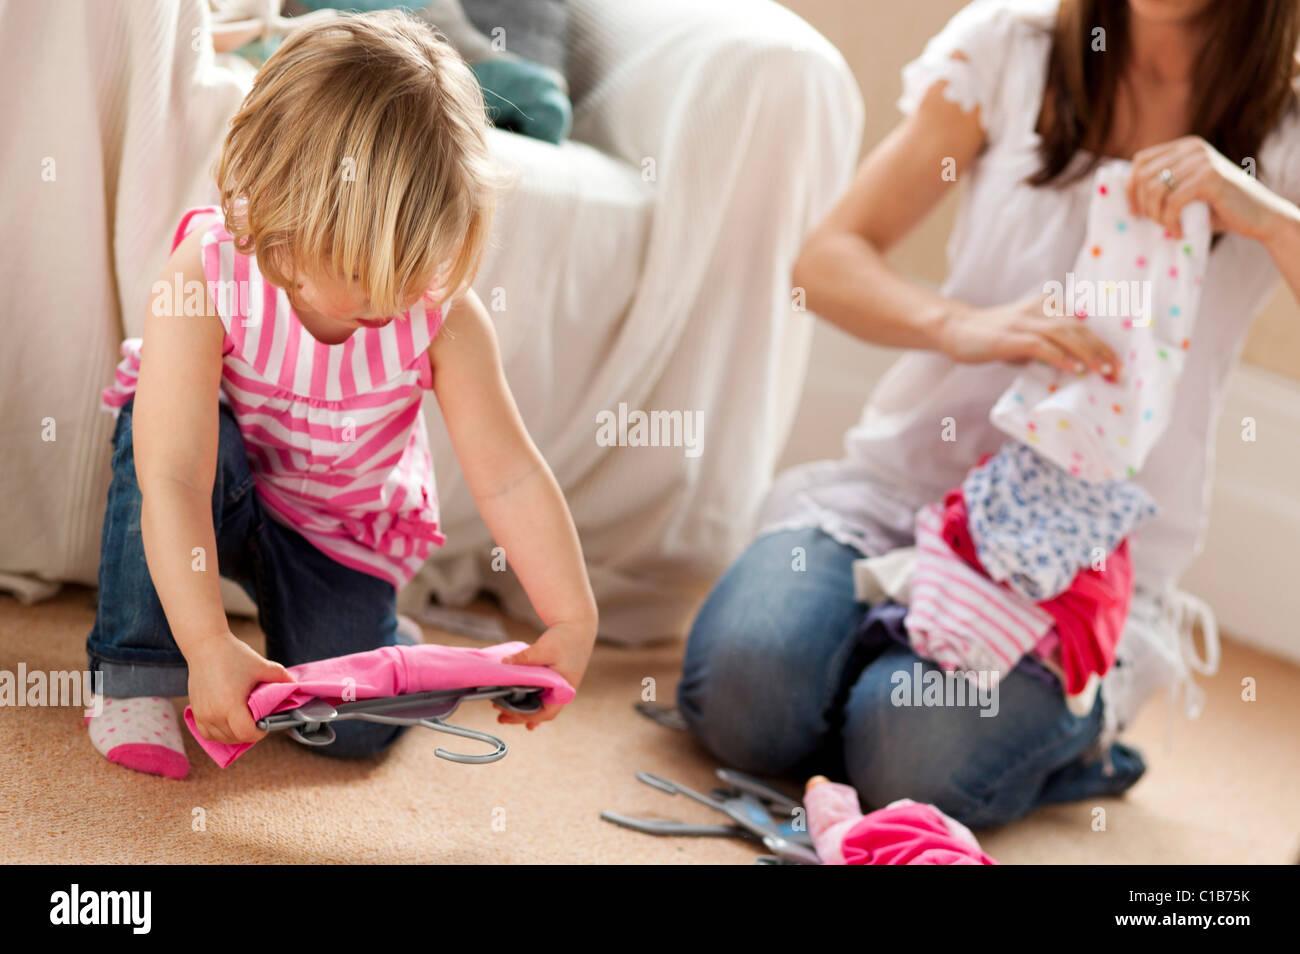 La madre e il bambino la scelta di vestiti da indossare Immagini Stock